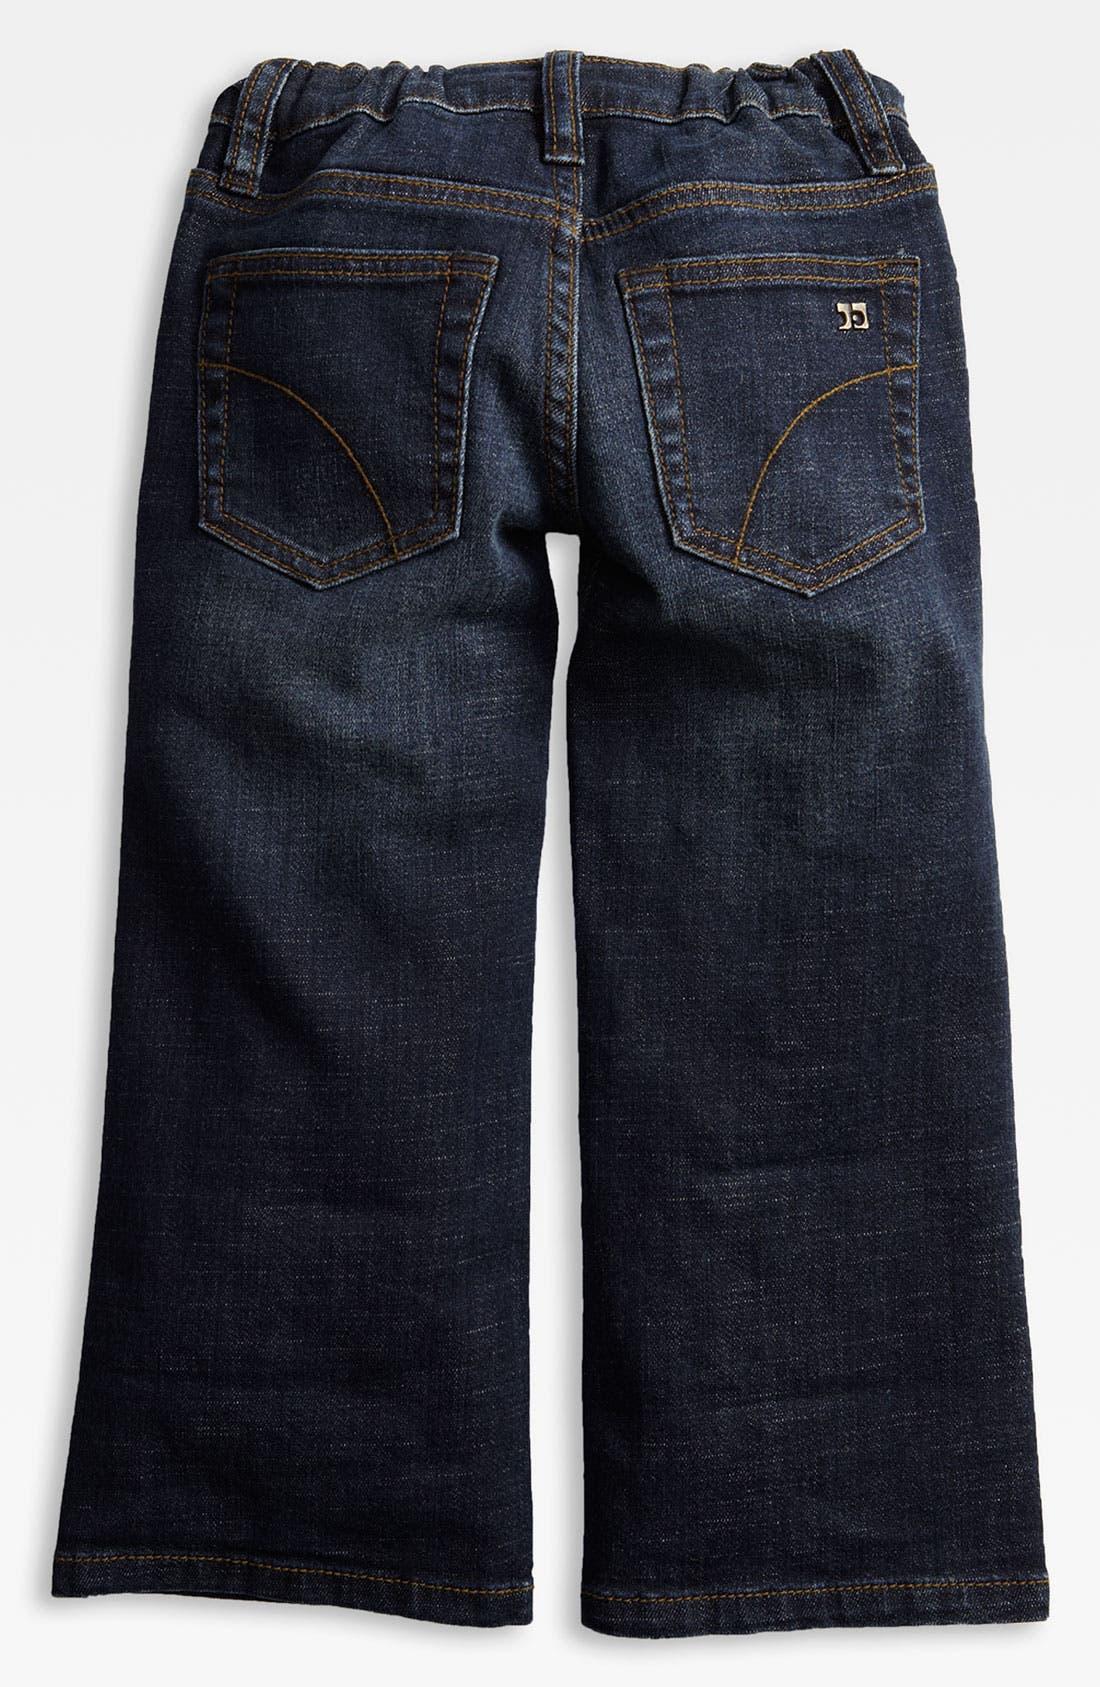 Main Image - Joe's 'Rebel' Jeans (Baby)